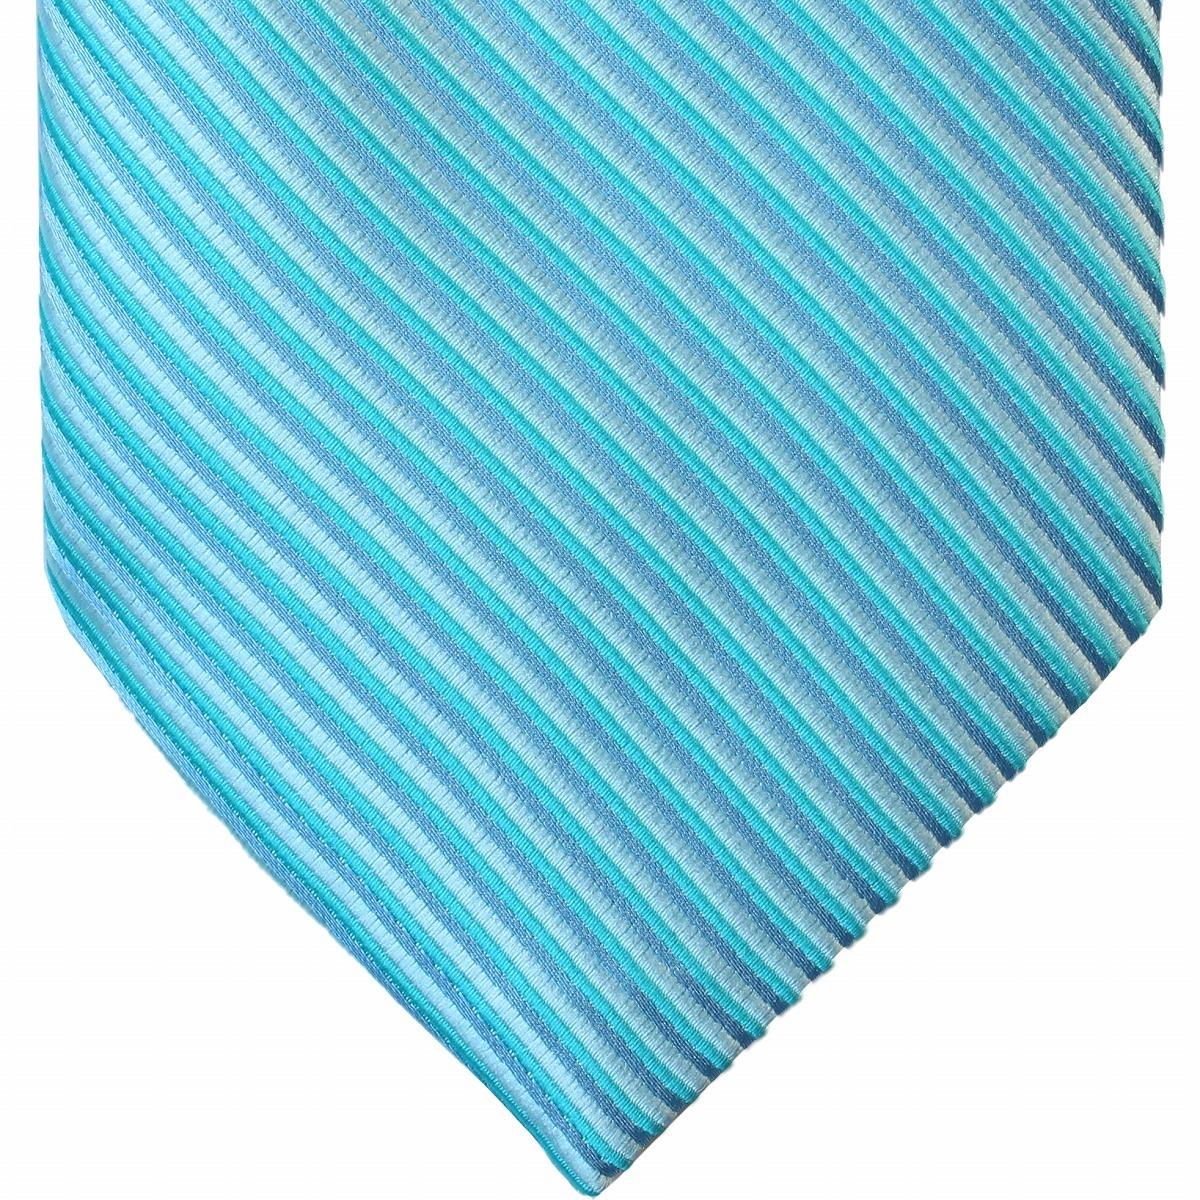 新品 ネクタイ 4点セット ポケットチーフ カフスボタン タイピン 水色系ストライブ 送料込み プレゼントにもおすすめ(11022)_画像2